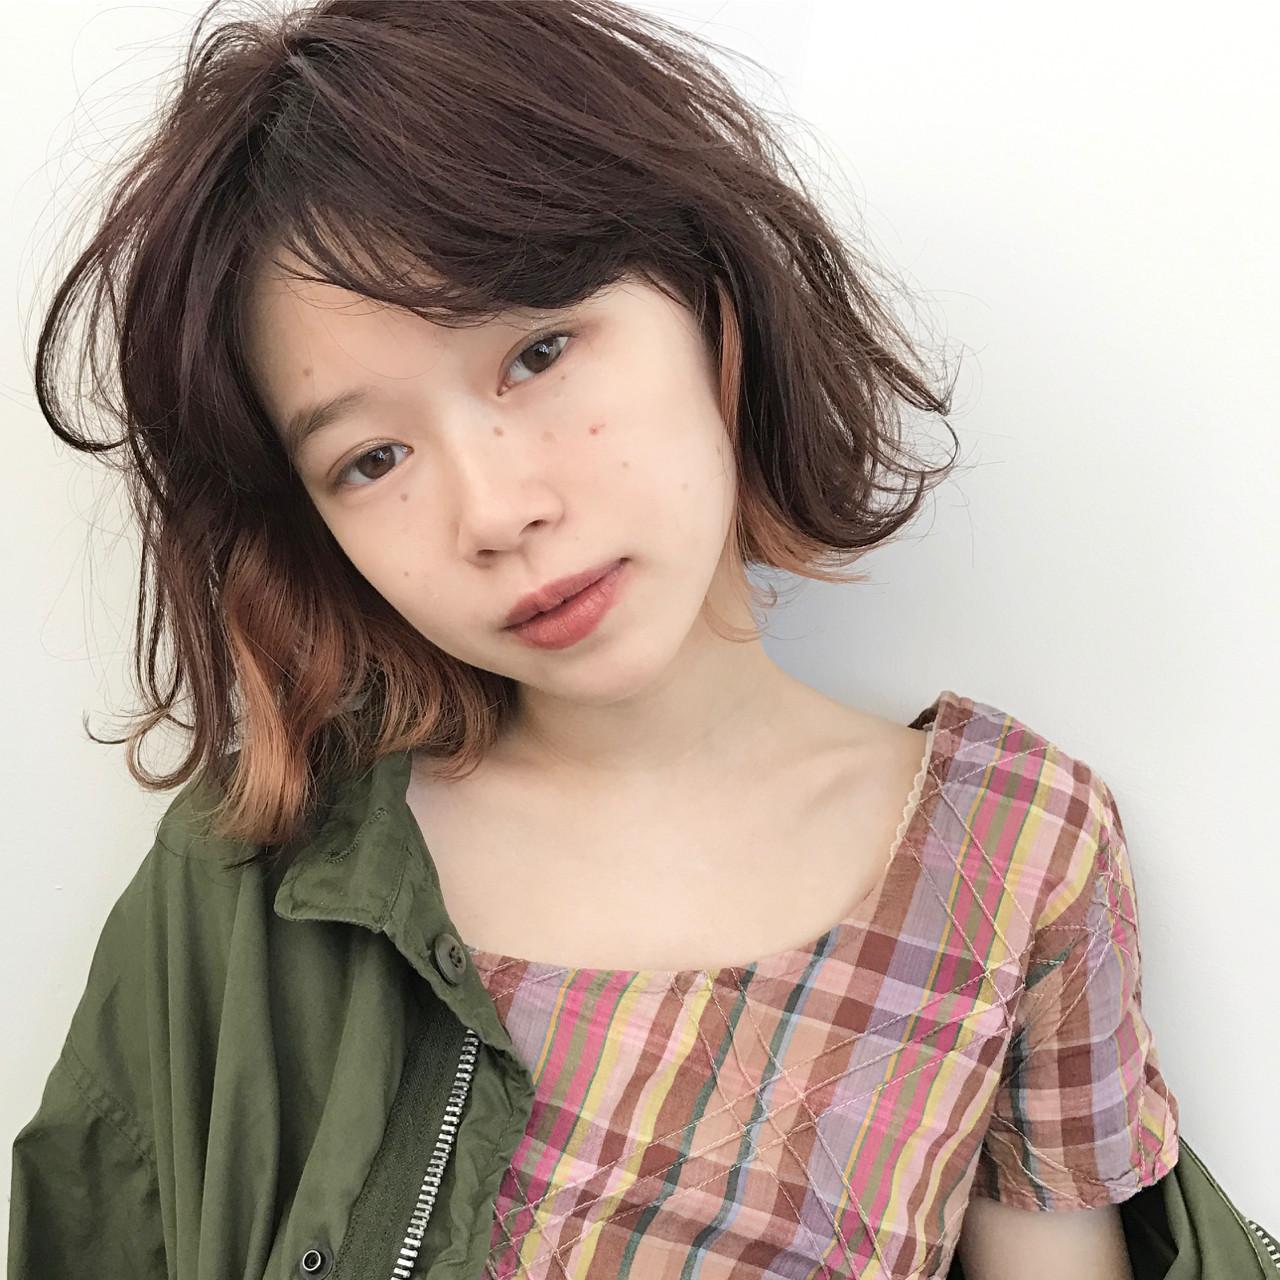 UEKI/nanuk/